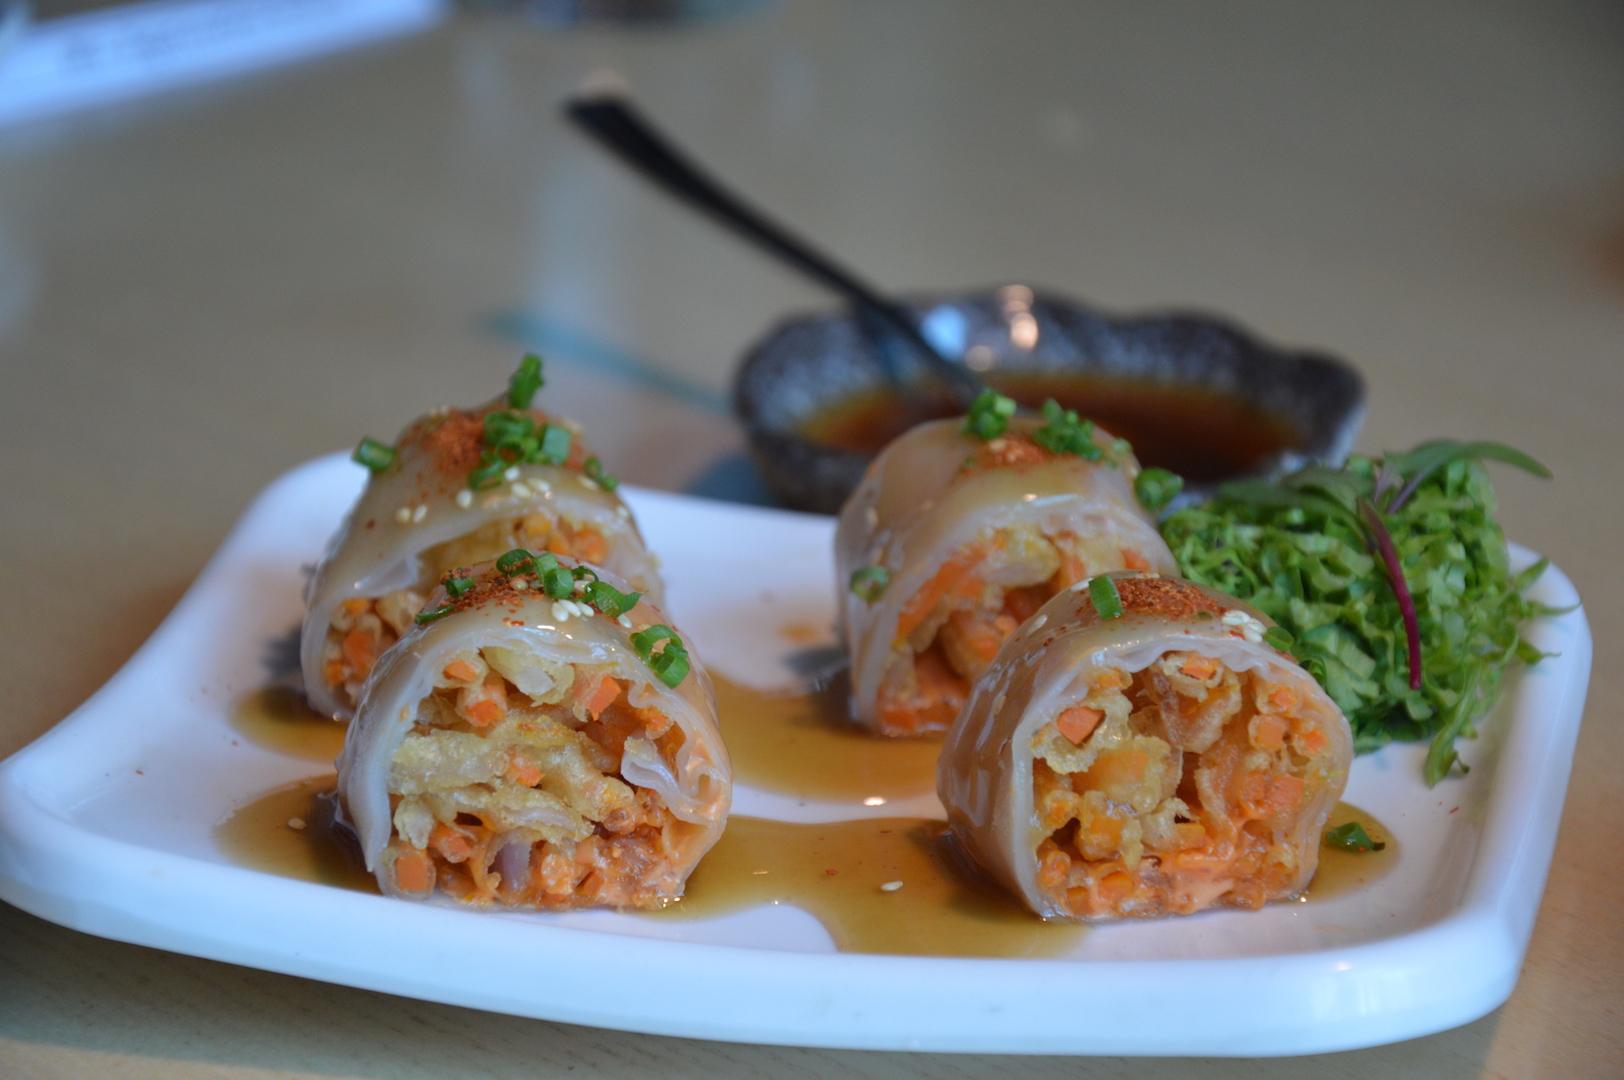 Kofuku- Amazing Japanese Food Experience